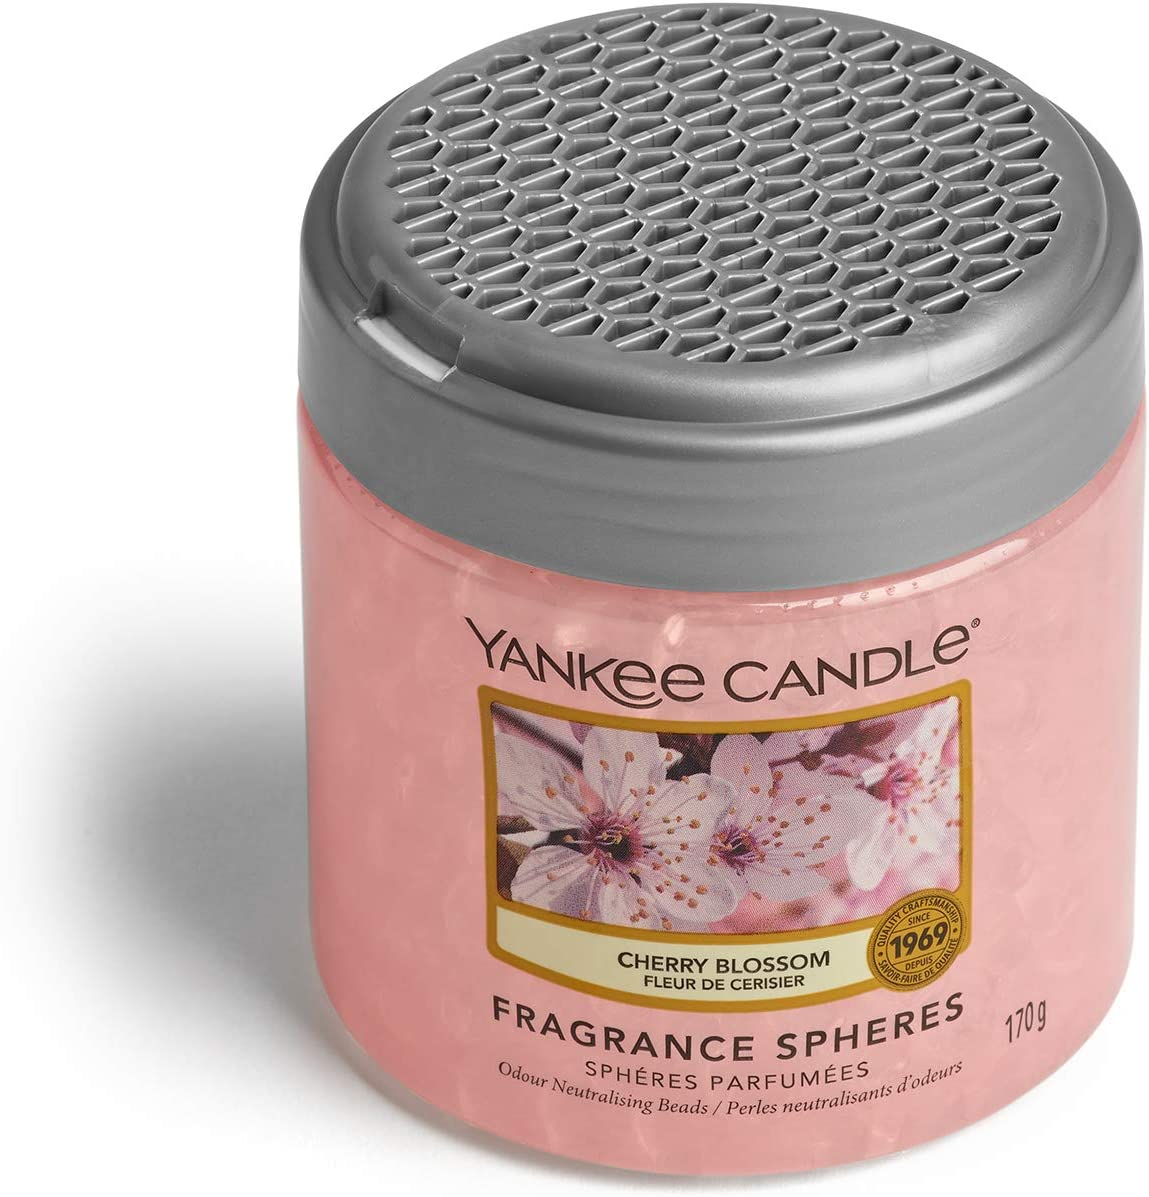 Yankee Candle sph/ères parfum/ées d/ésodorisant maison Dur/ée jusqu/à 30/jours Cachemire D/élicat